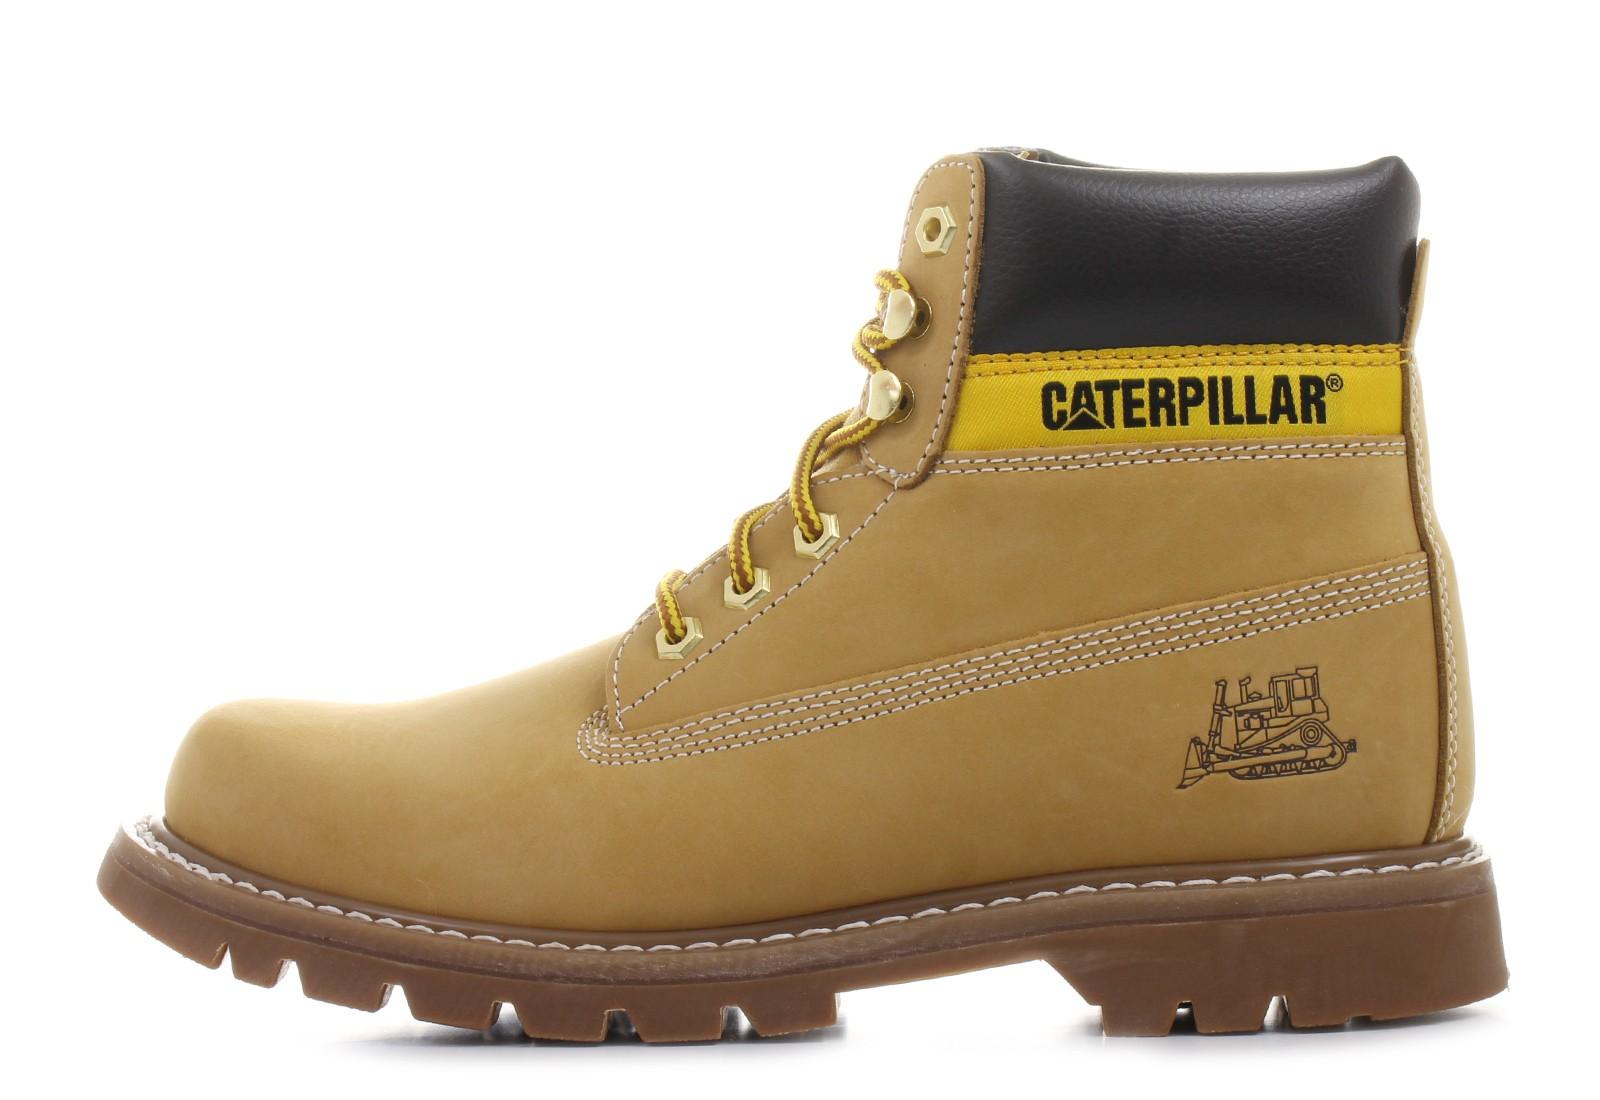 9bdc889e0 Cat Topánky - Colorado - 44100-hon - Tenisky, Topánky, Čižmy ...